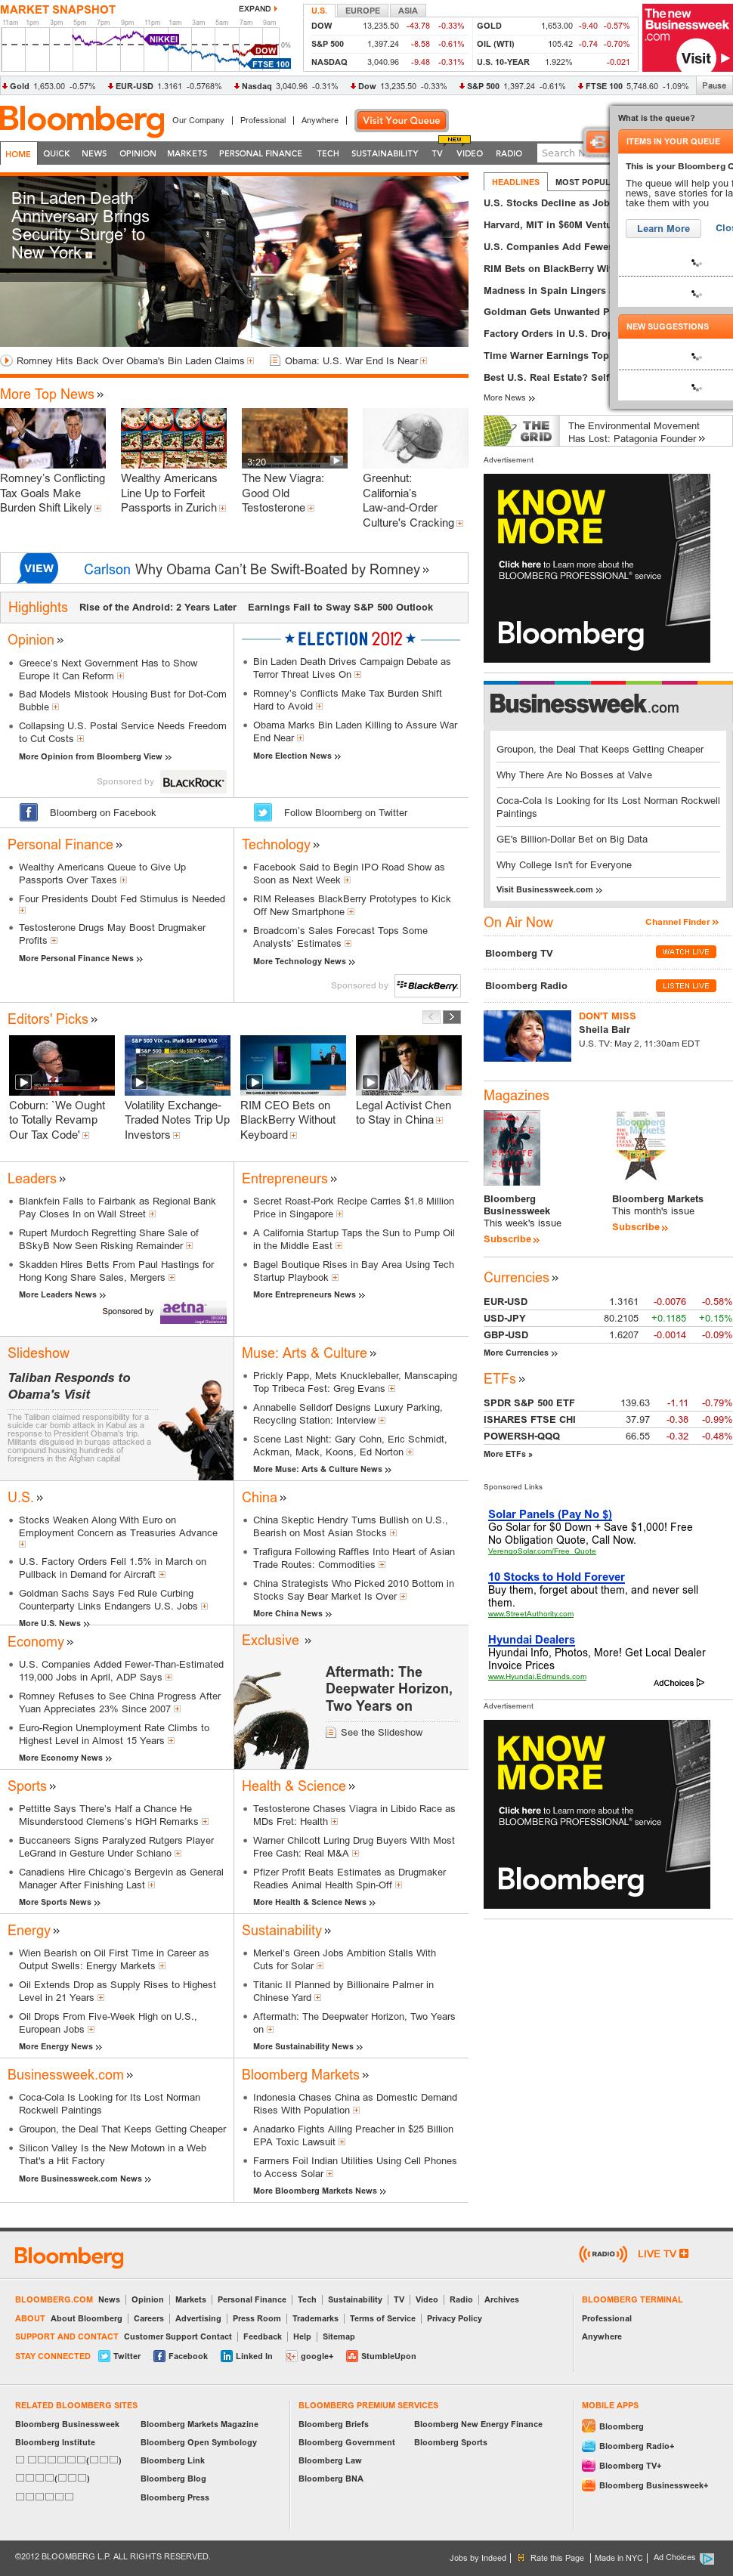 Bloomberg at Wednesday May 2, 2012, 3 p.m. UTC